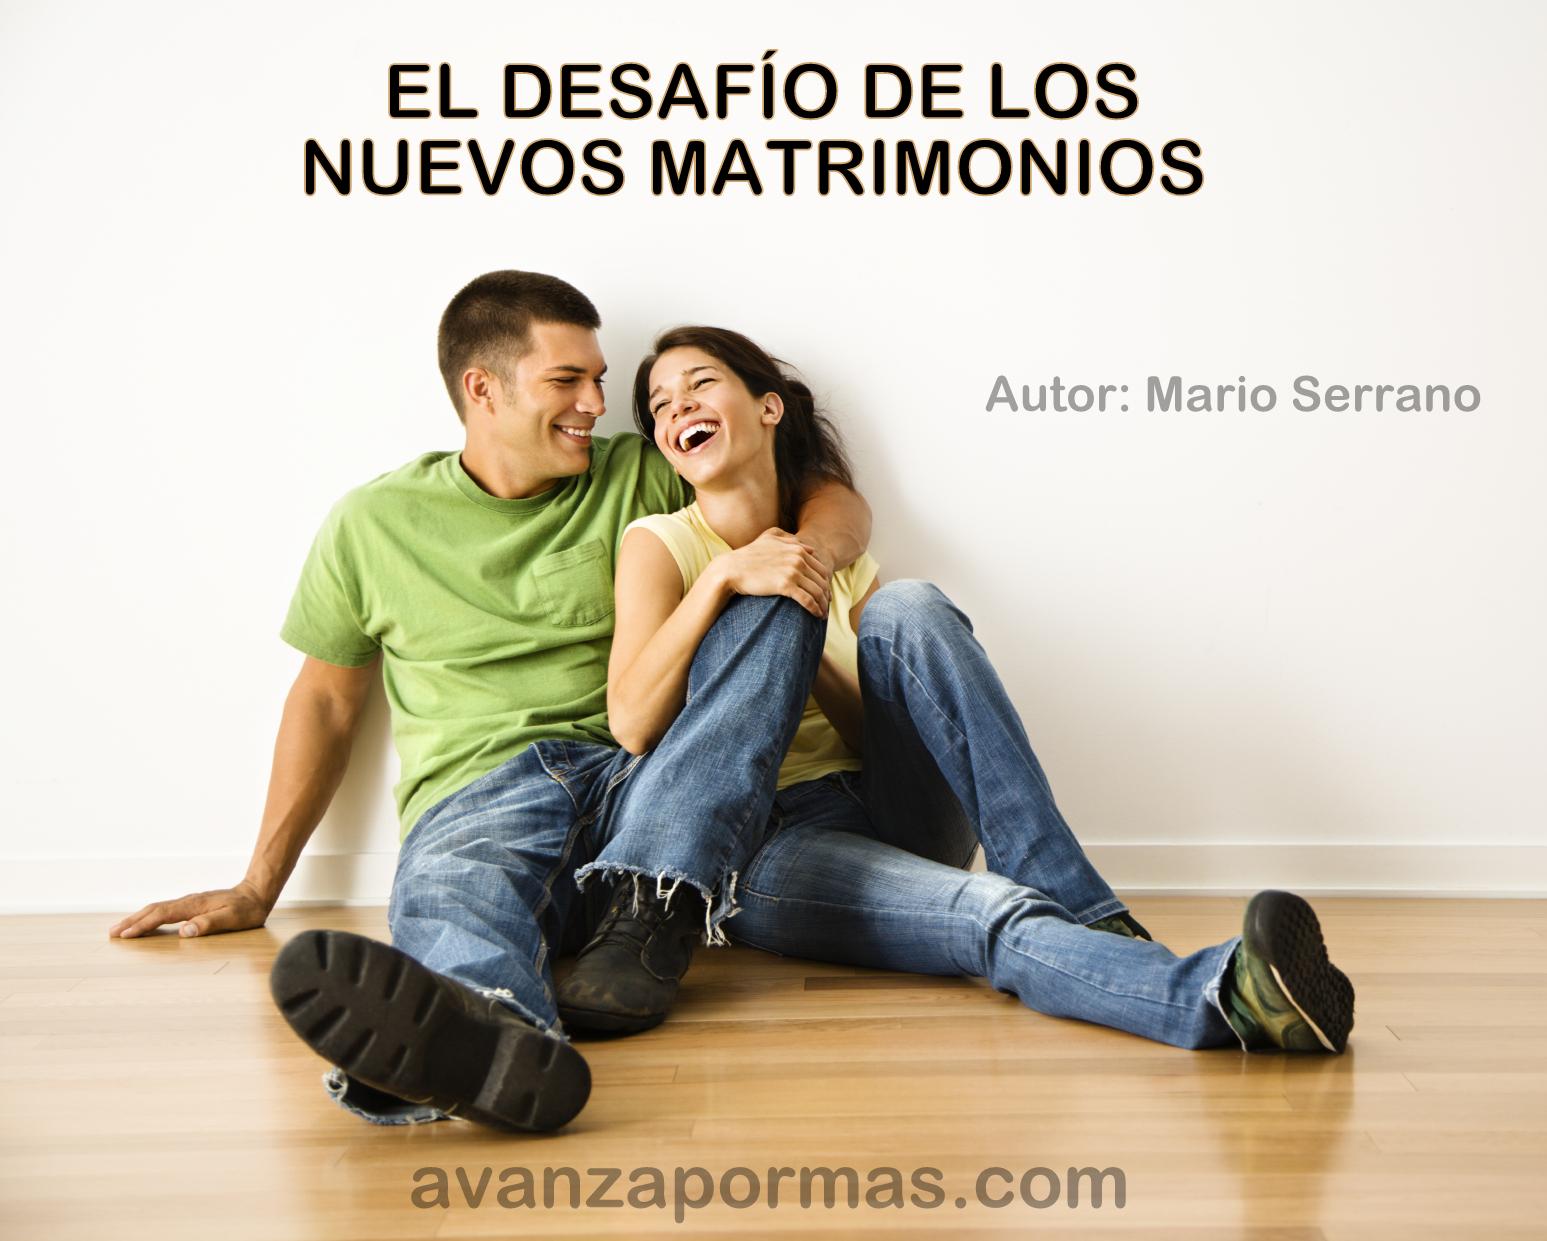 Matrimonios Jovenes Catolicos : Los desafíos de un nuevo matrimonio avanza por más